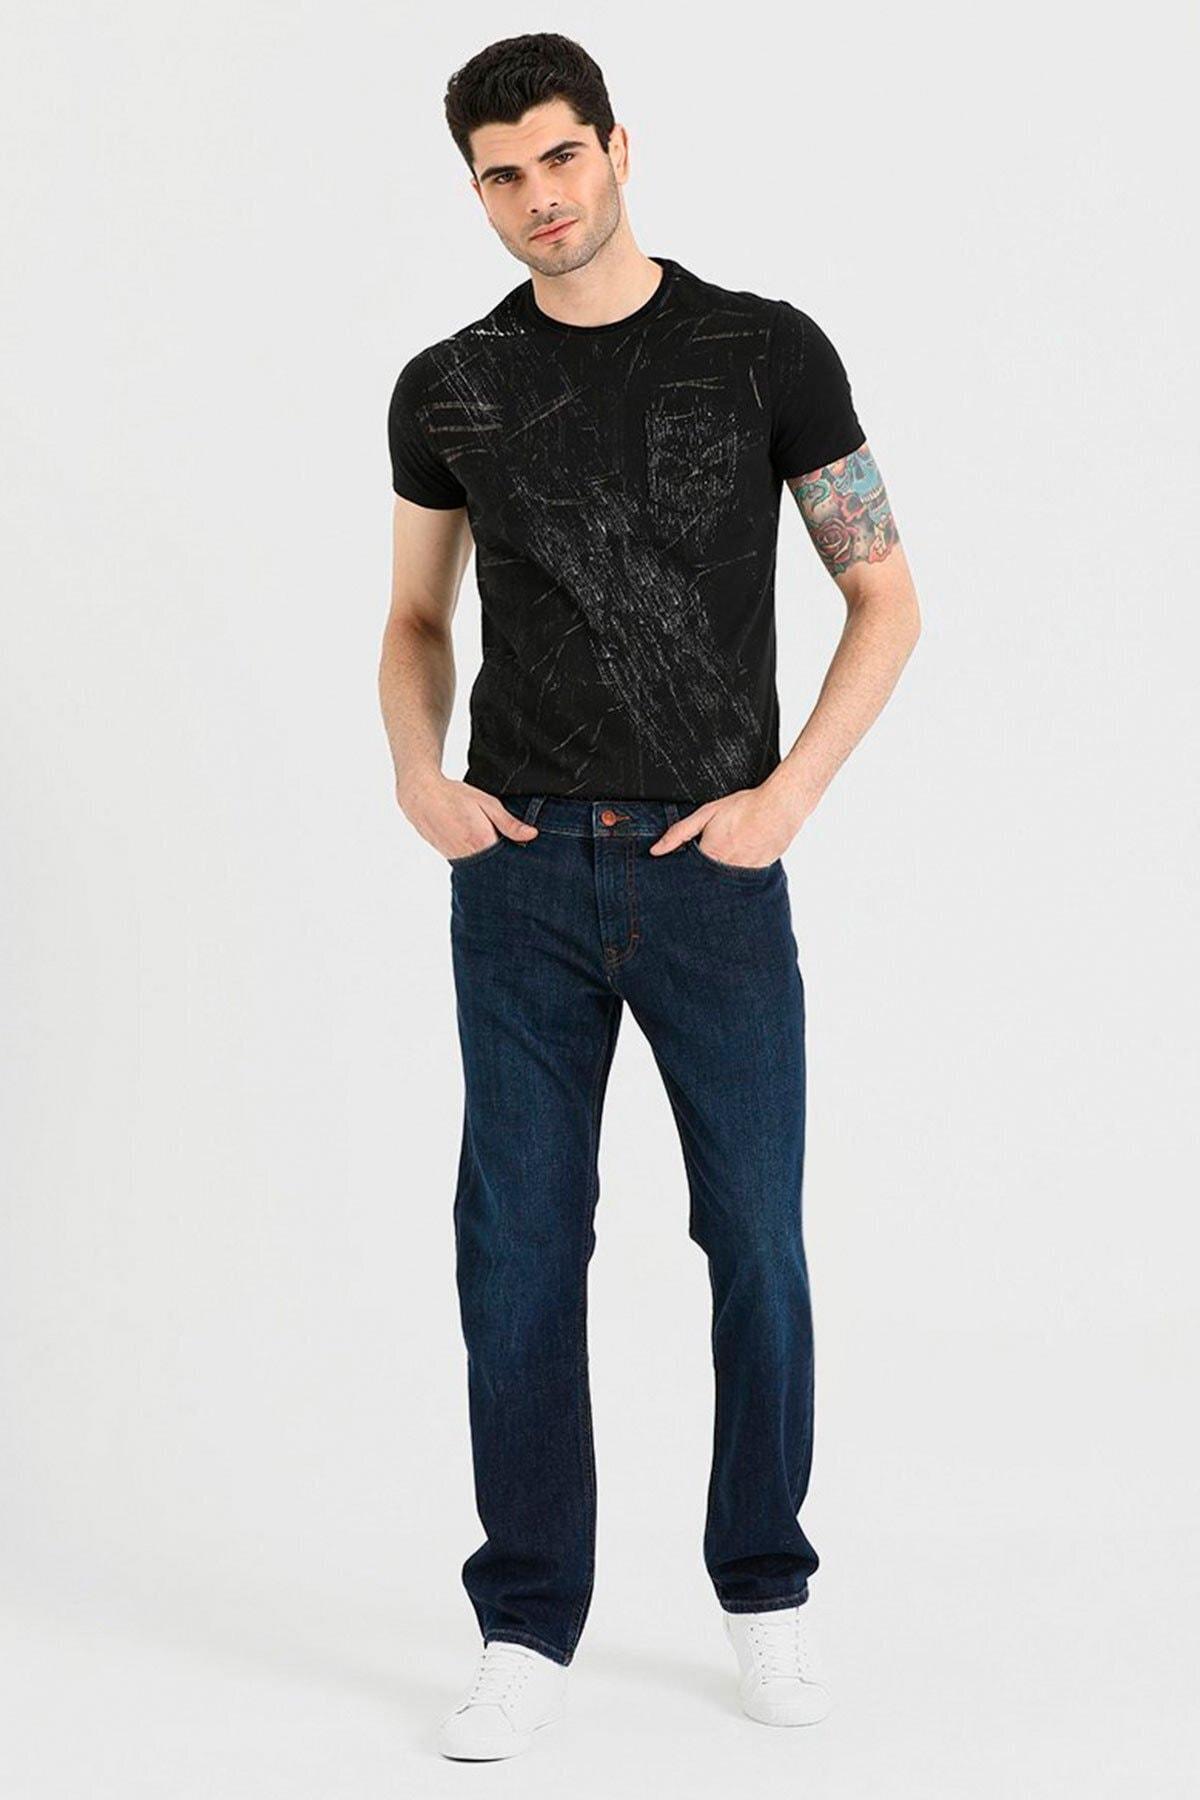 APAYDIN A.Ş Erkek Lacivert Jeans 1